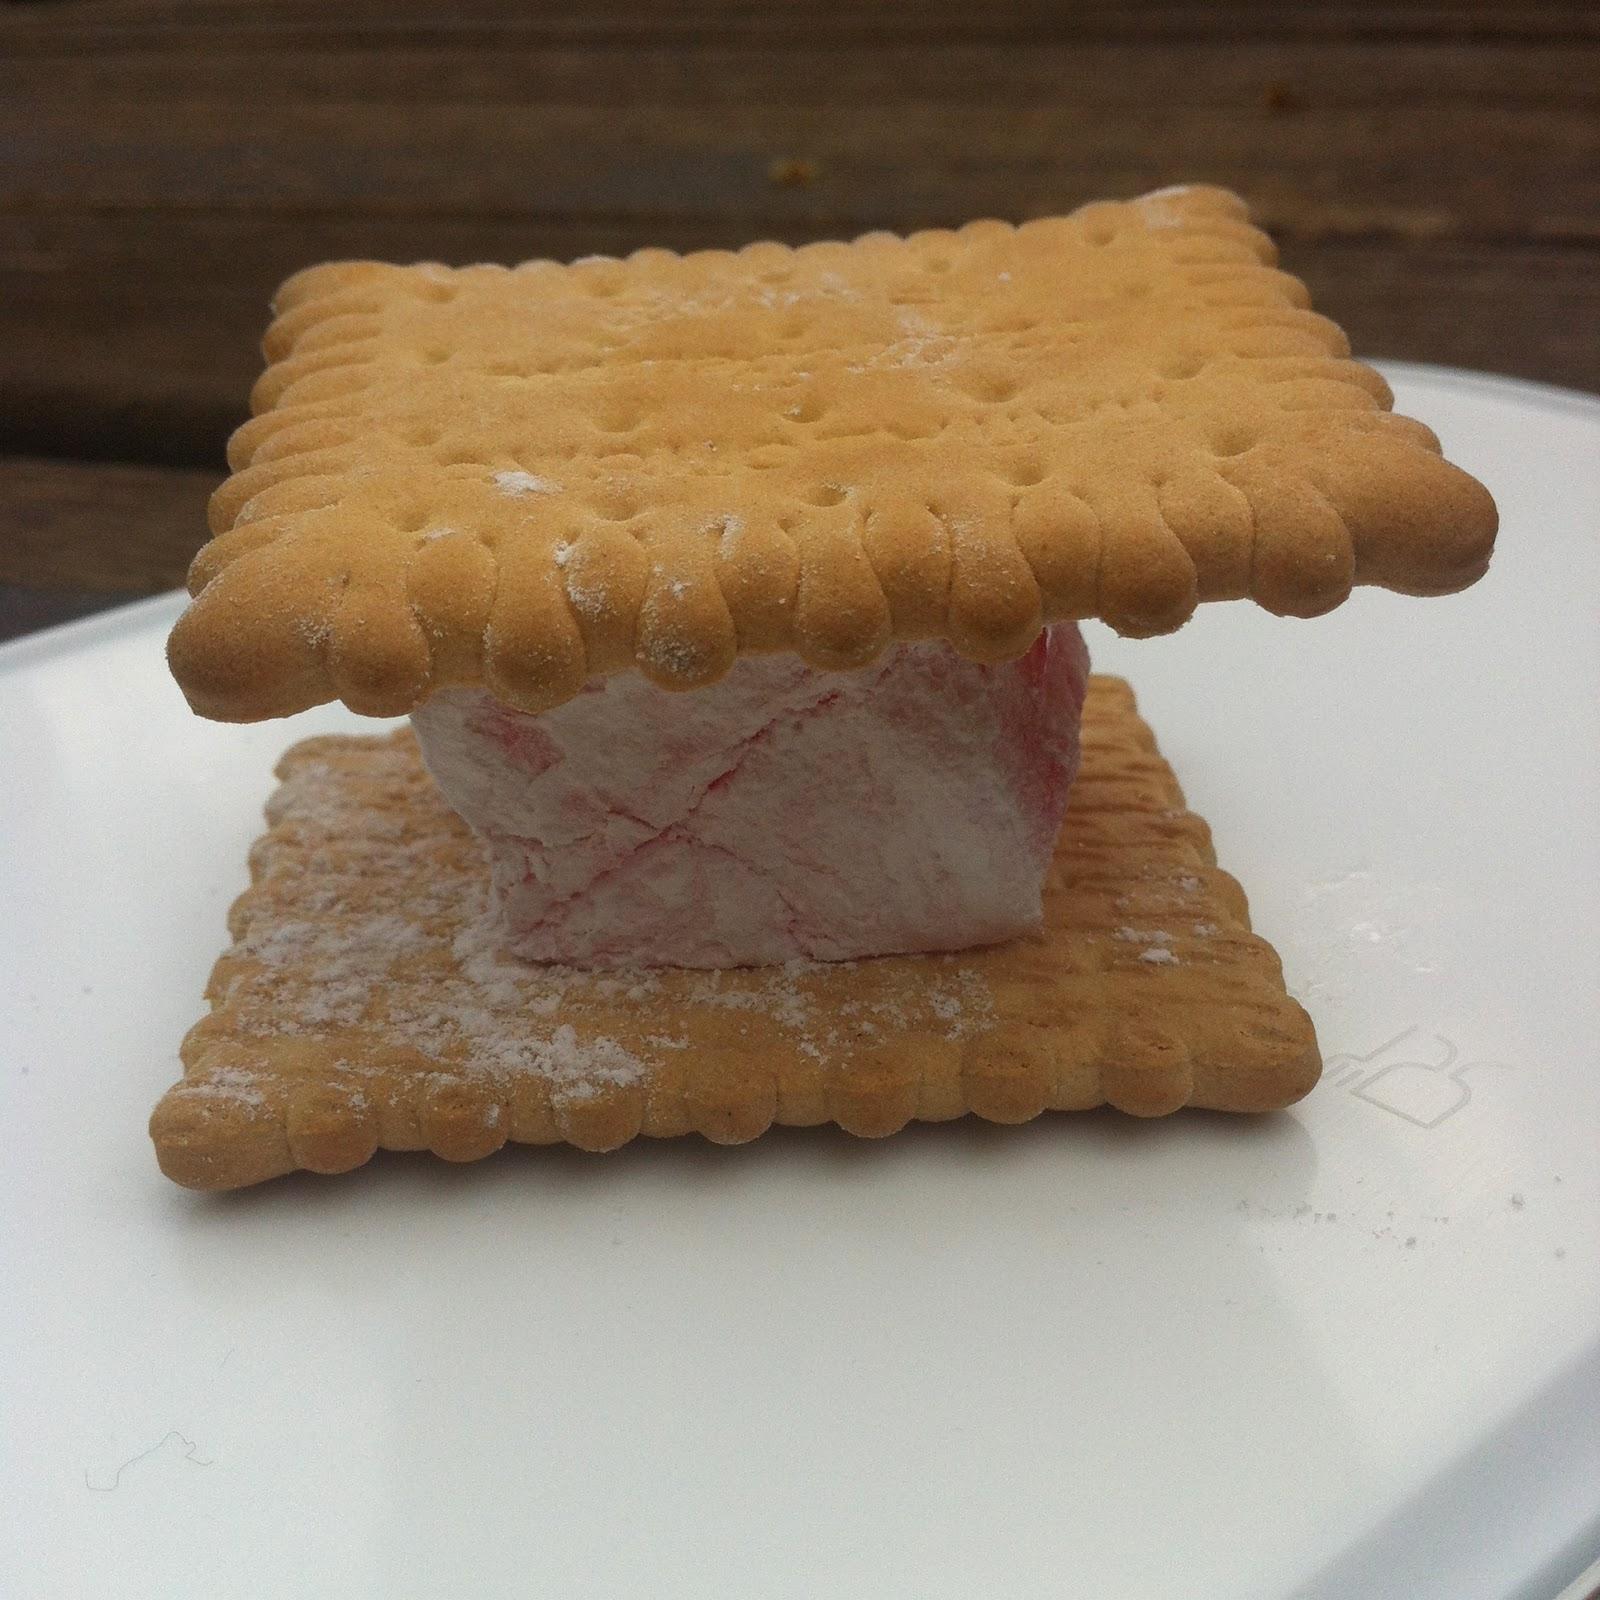 μπισκότα και λουκούμια